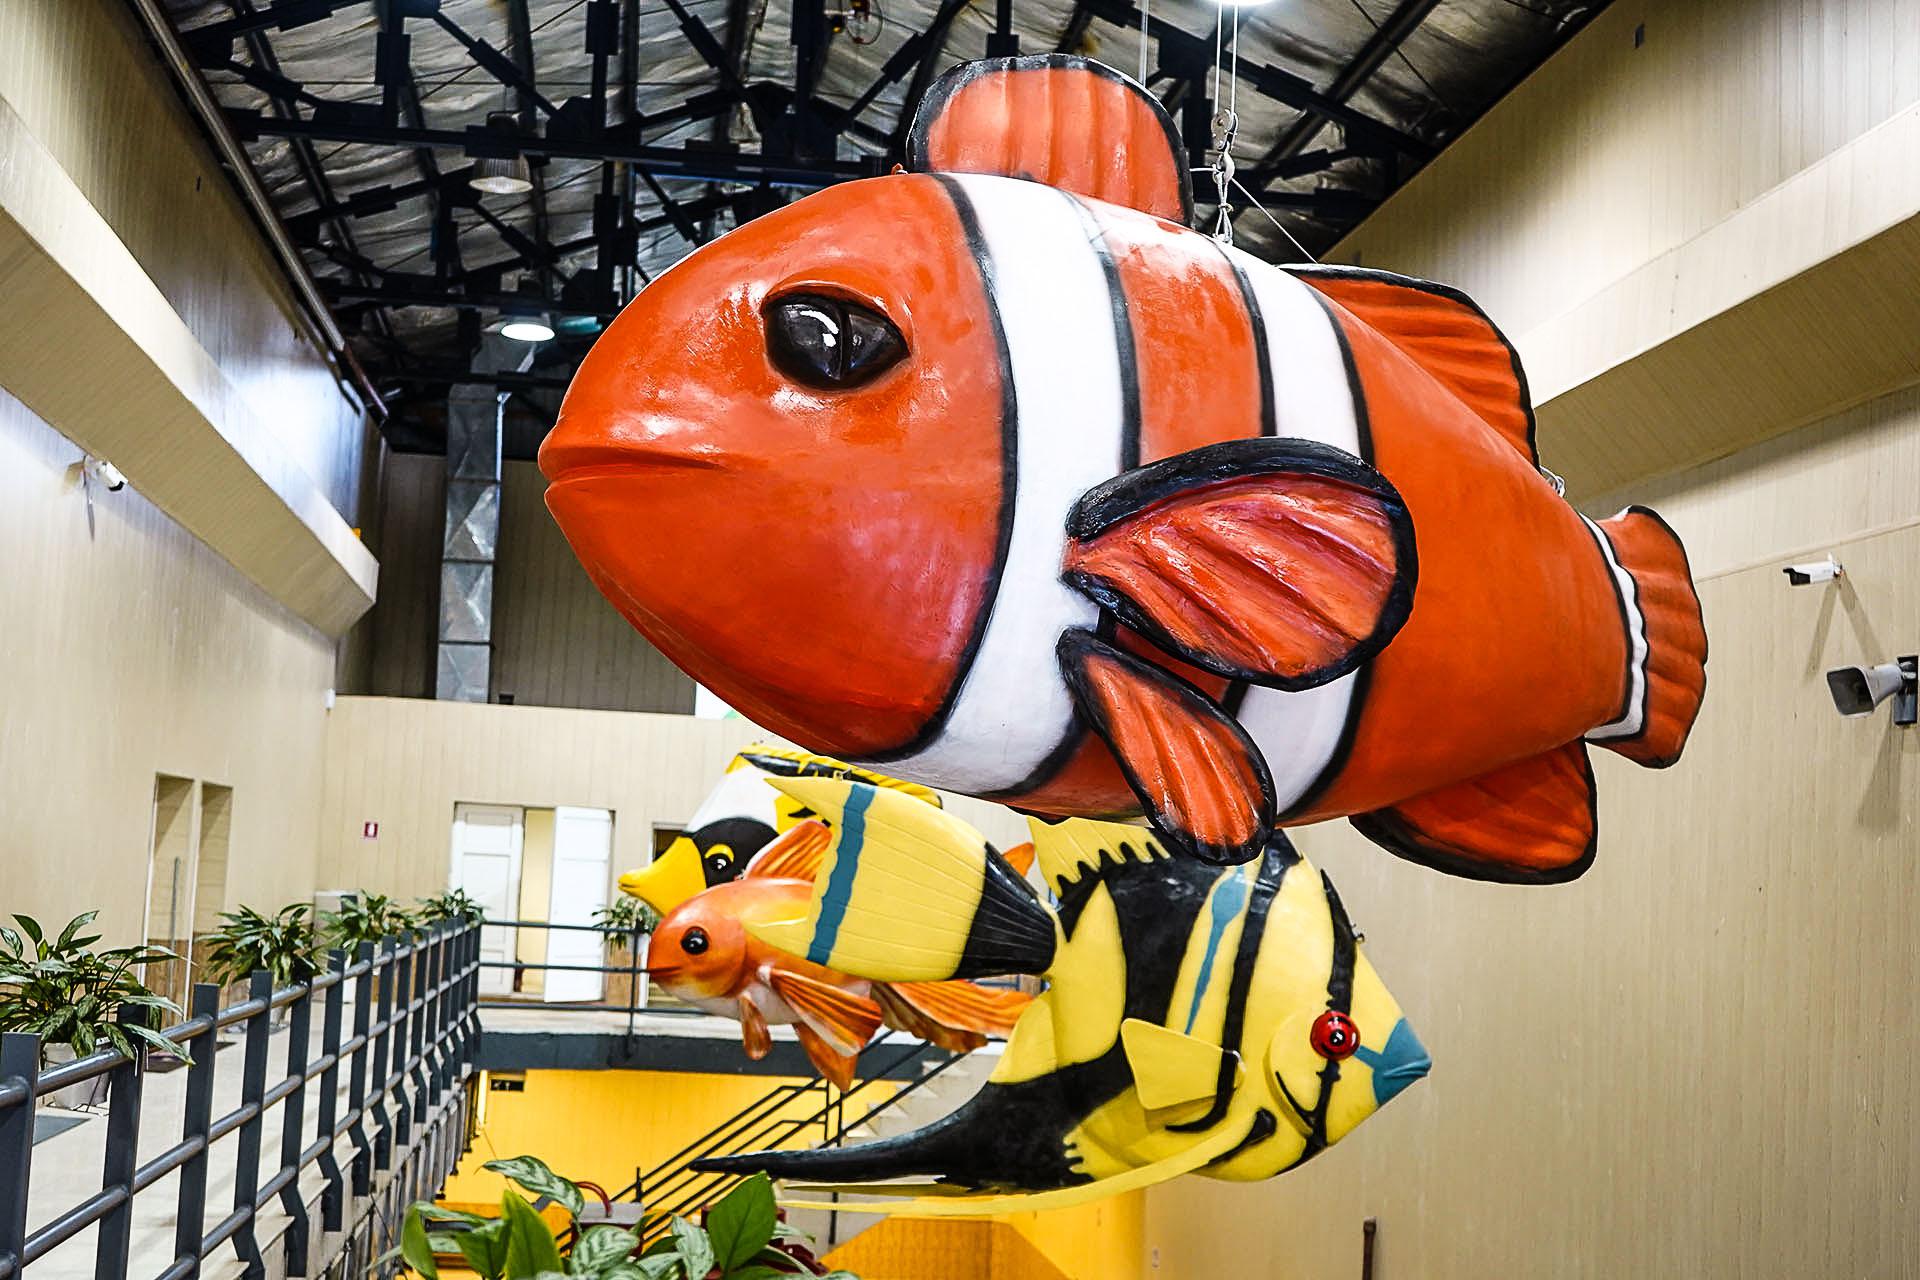 ورود ماهیها به نیروگاه برقآبی شهربیجار